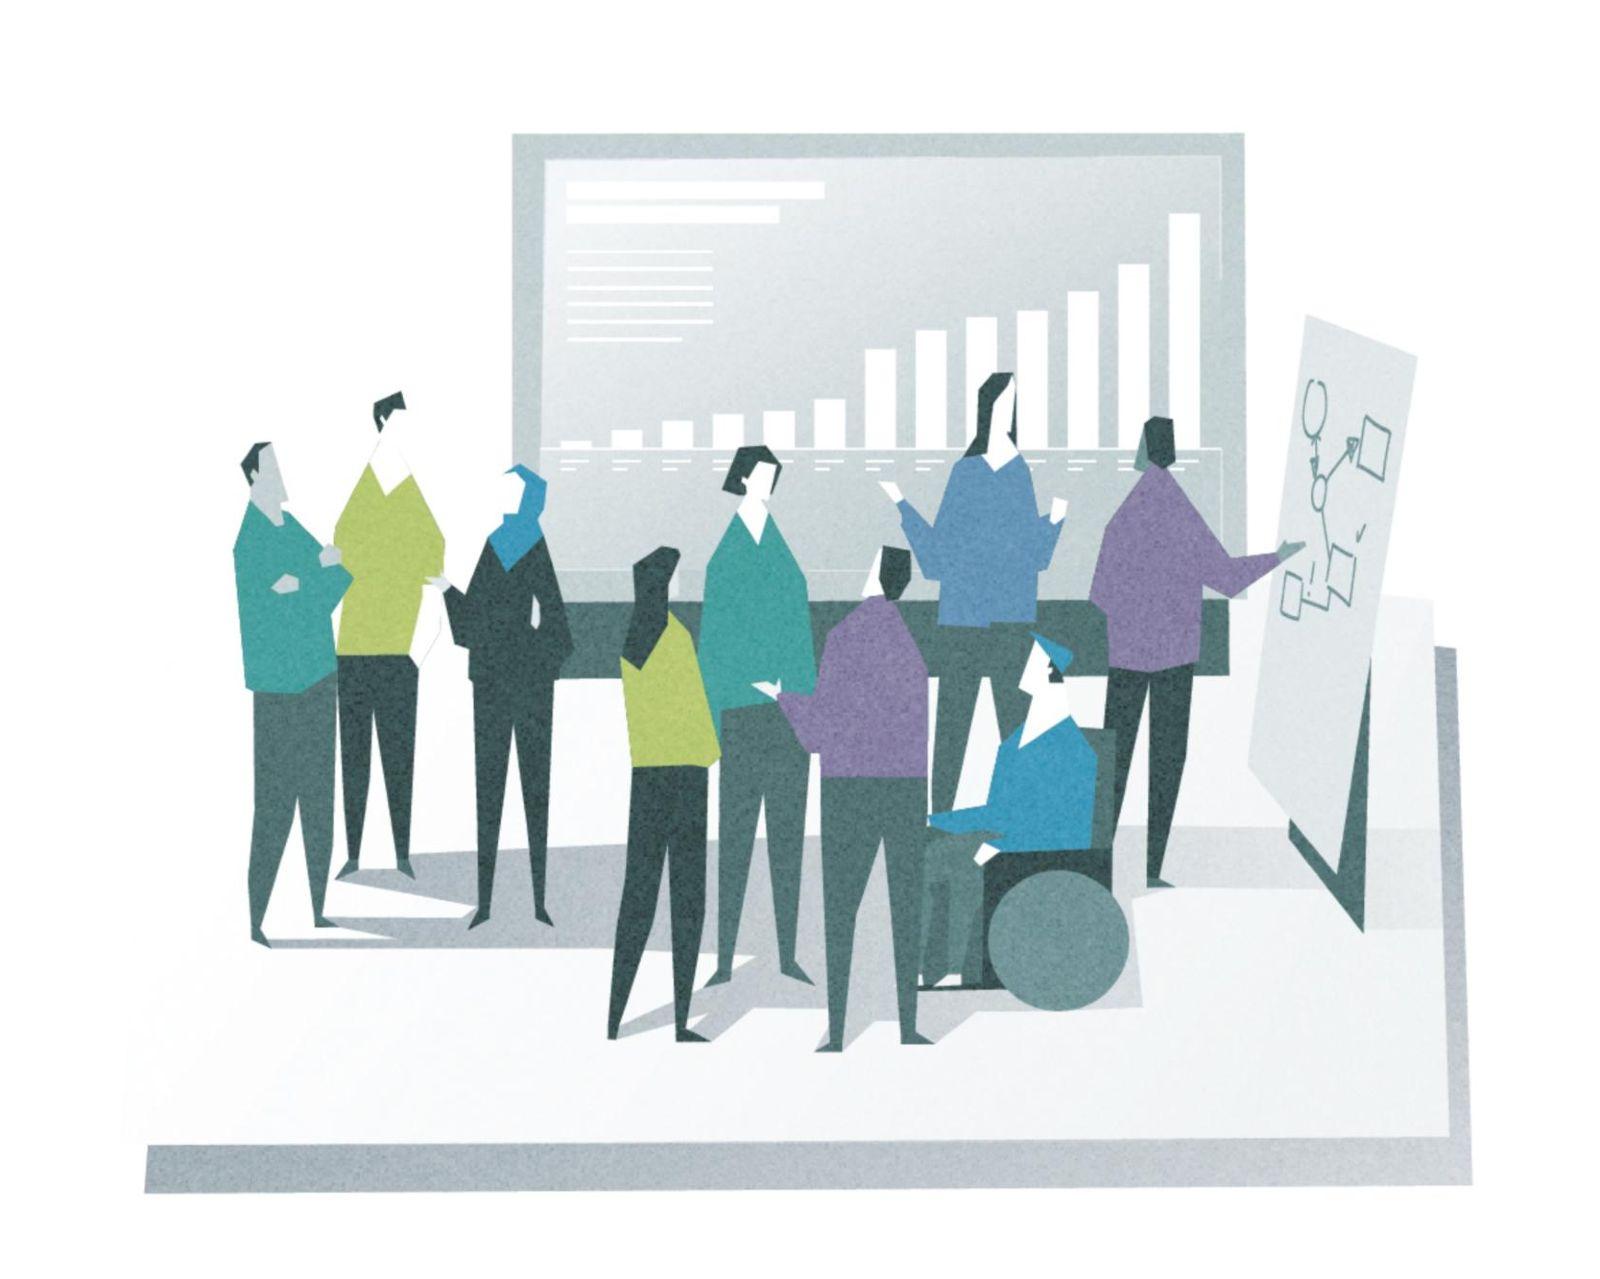 Das Bild zeigt Bürger, die miteinander diskutieren und dabei statistische Analysen auswerten.